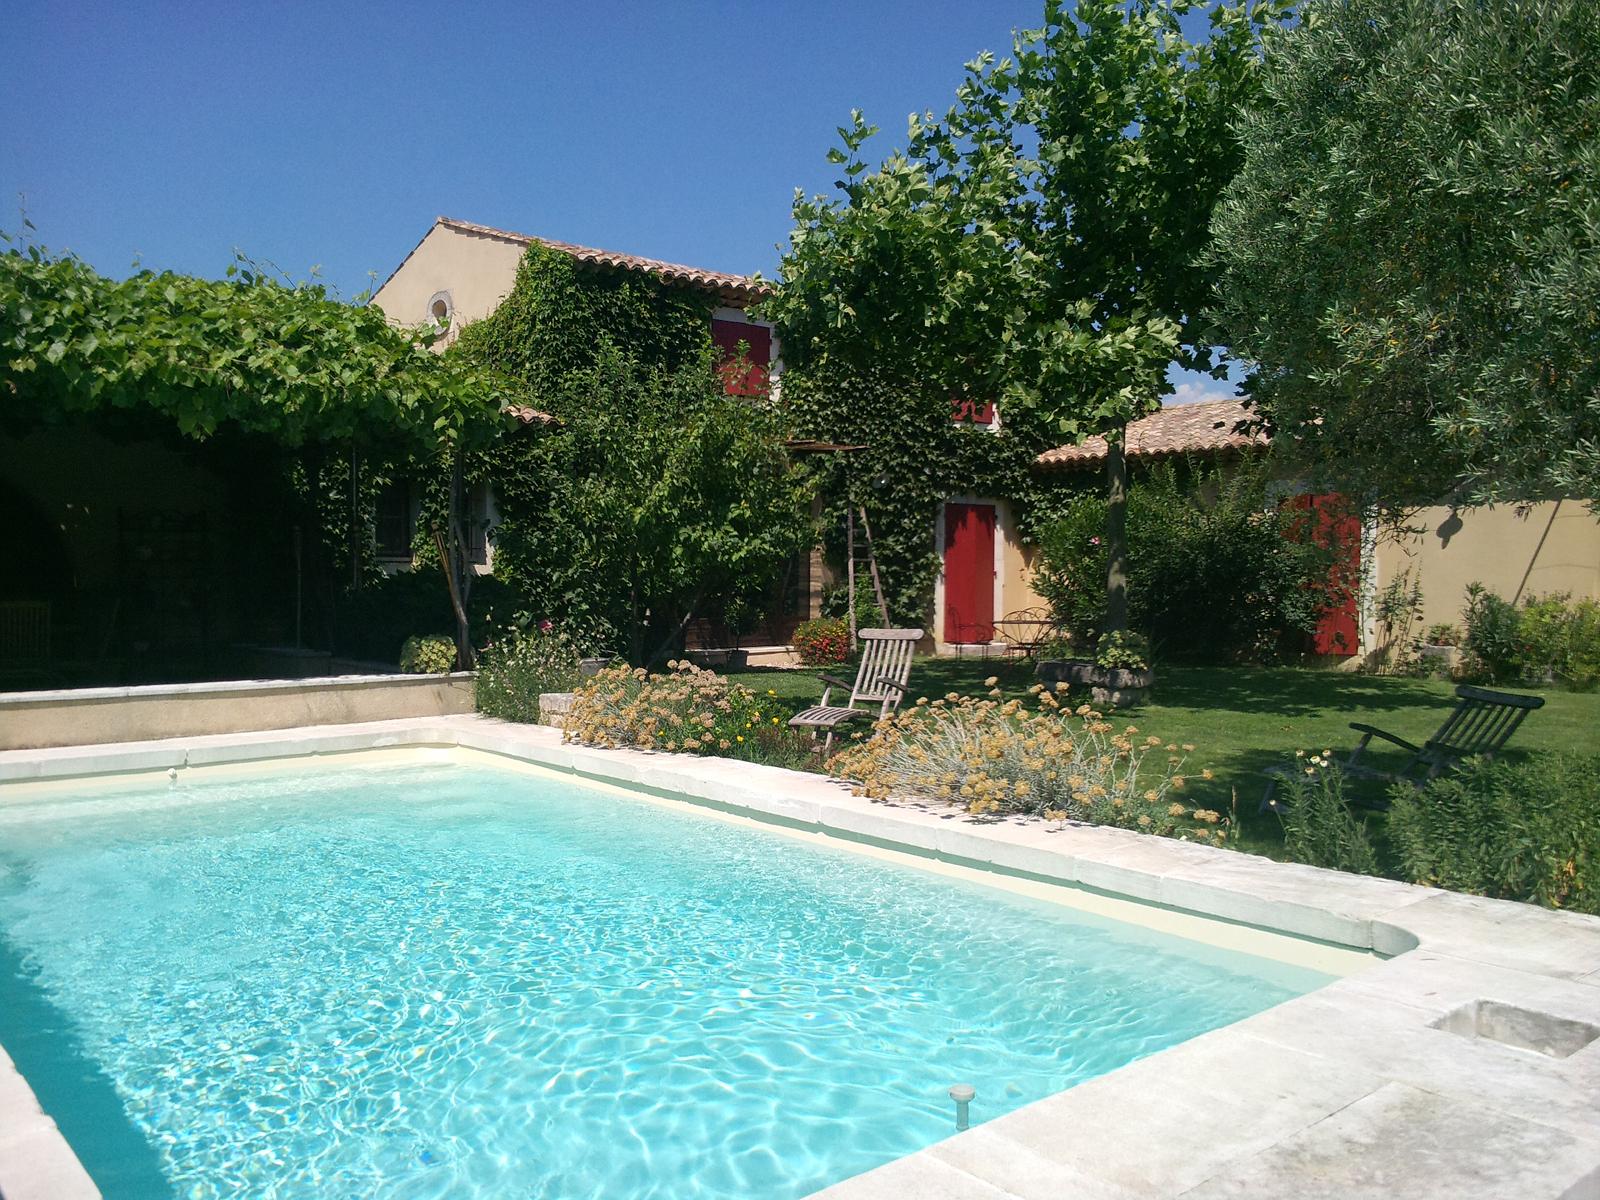 Villa A Louer Avec Piscine Pour Les Vacances Drome ... à Piscine Drome